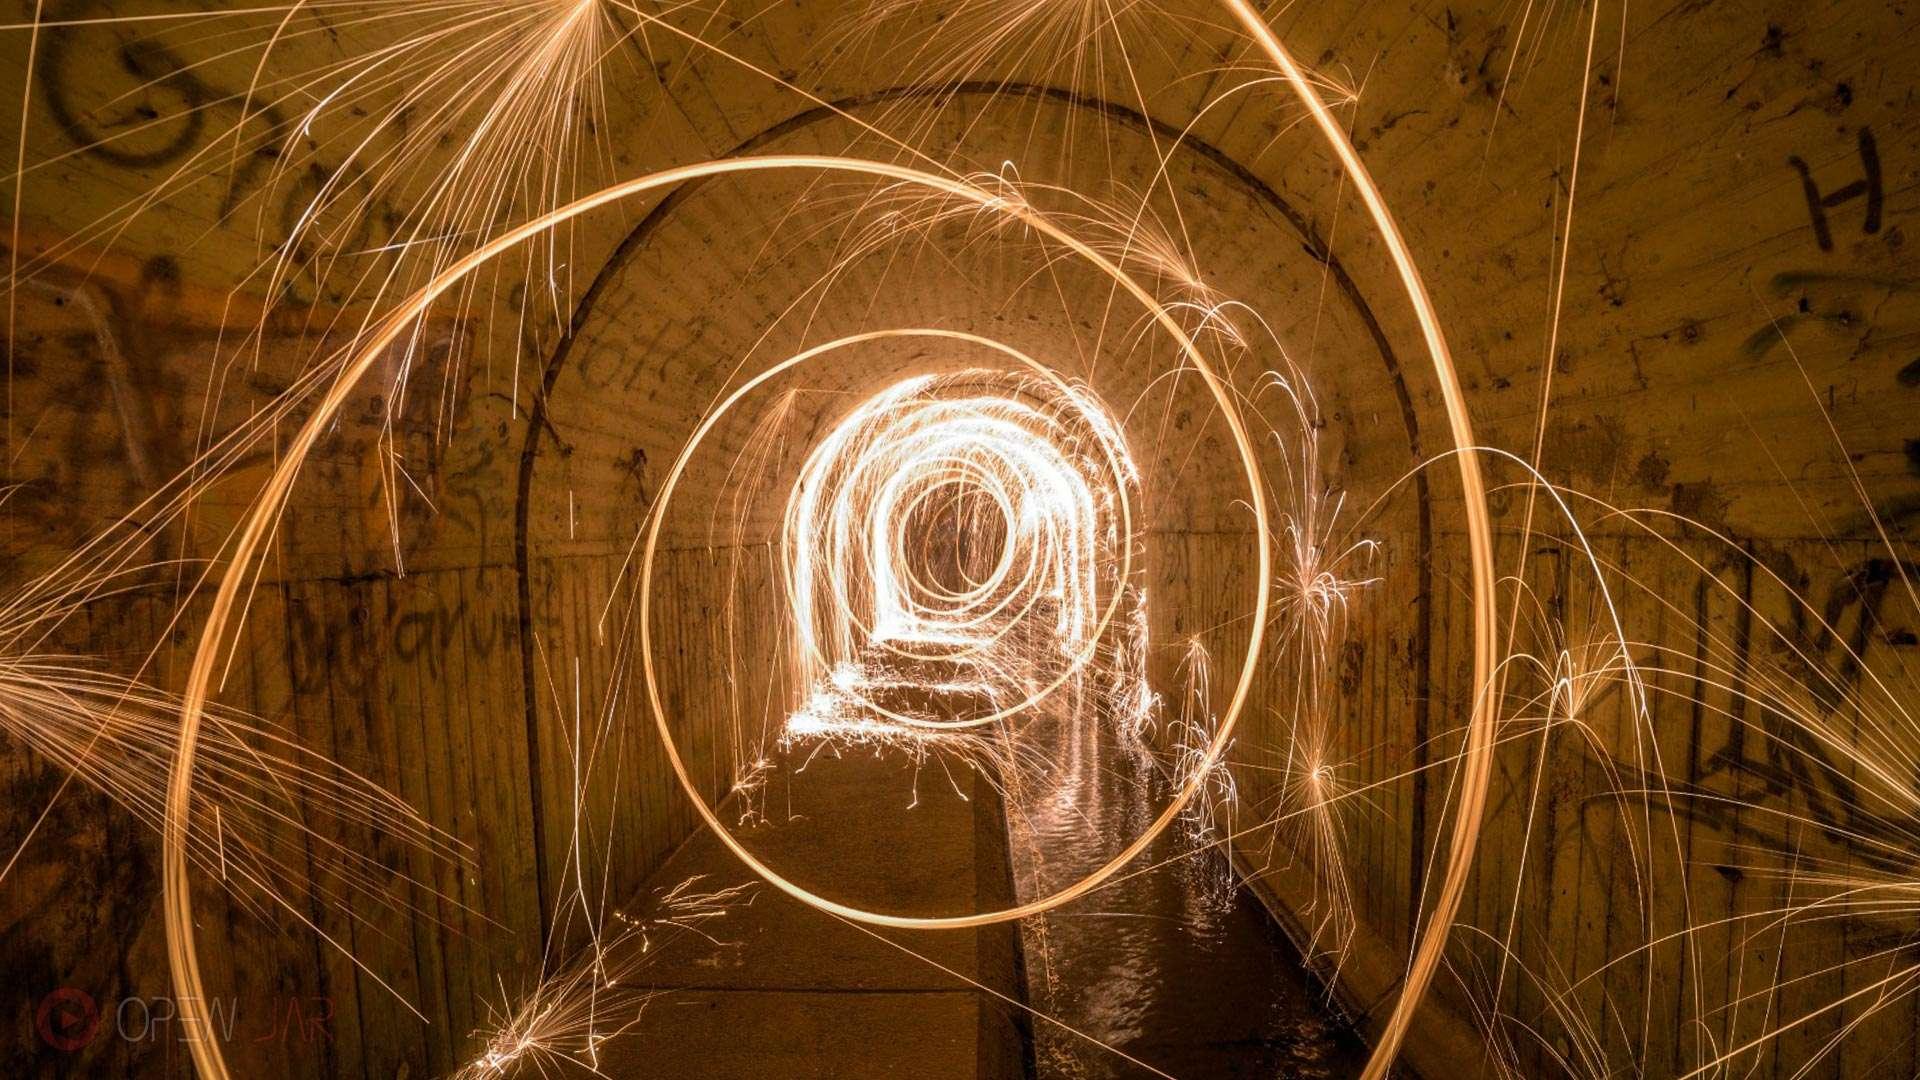 Stahlwolle wird in einem Tunnel geschleudert und die Funken springen von den Wänden